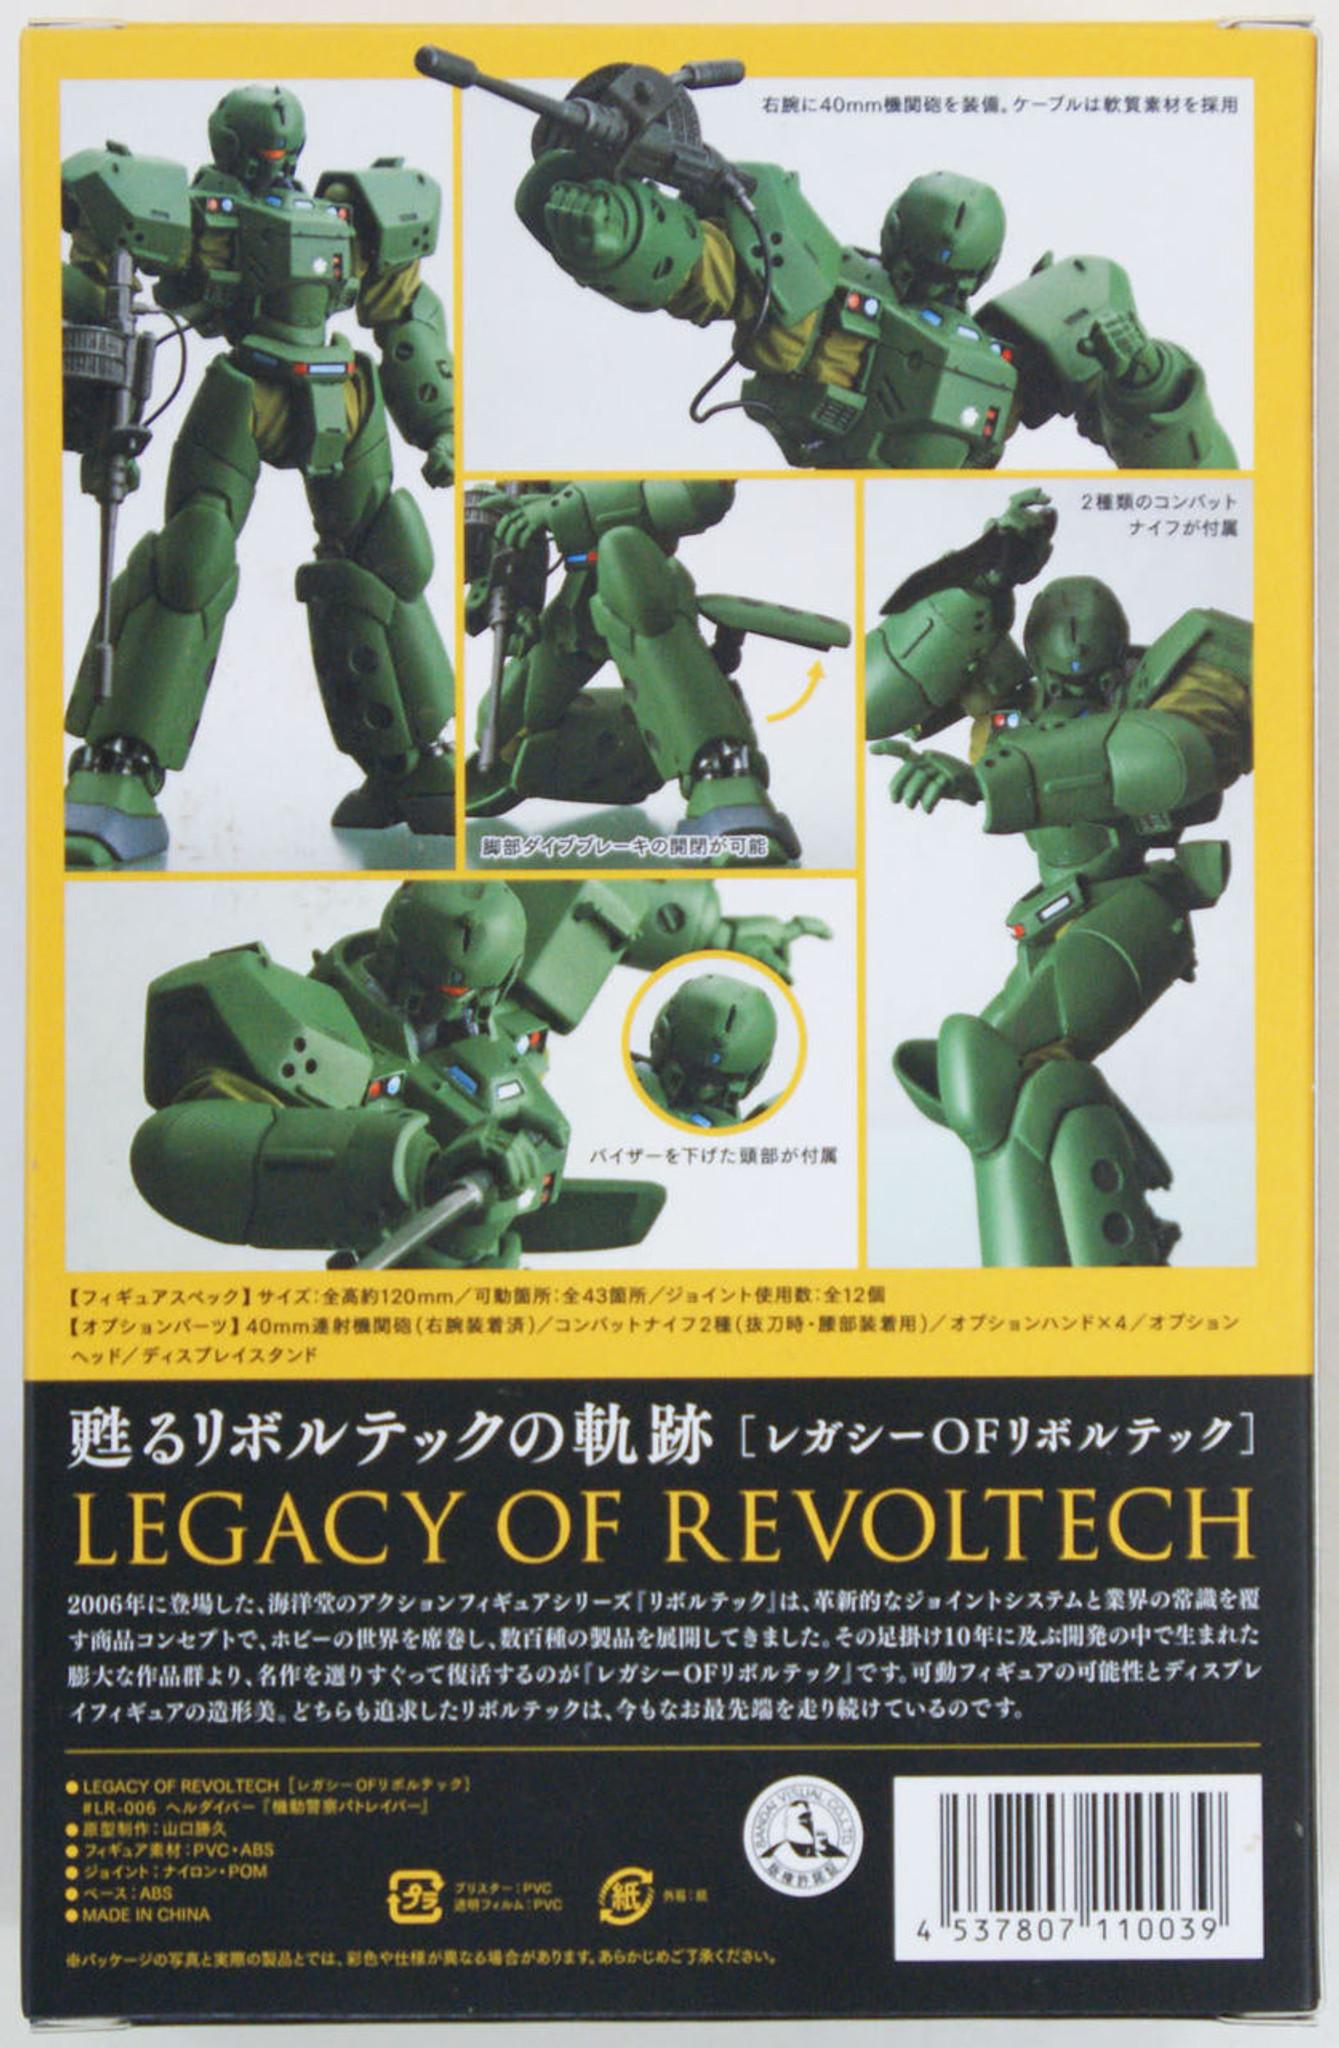 Kaiyodo Legacy Of Revoltech LR 006 ARL 99 Helldiver Figure